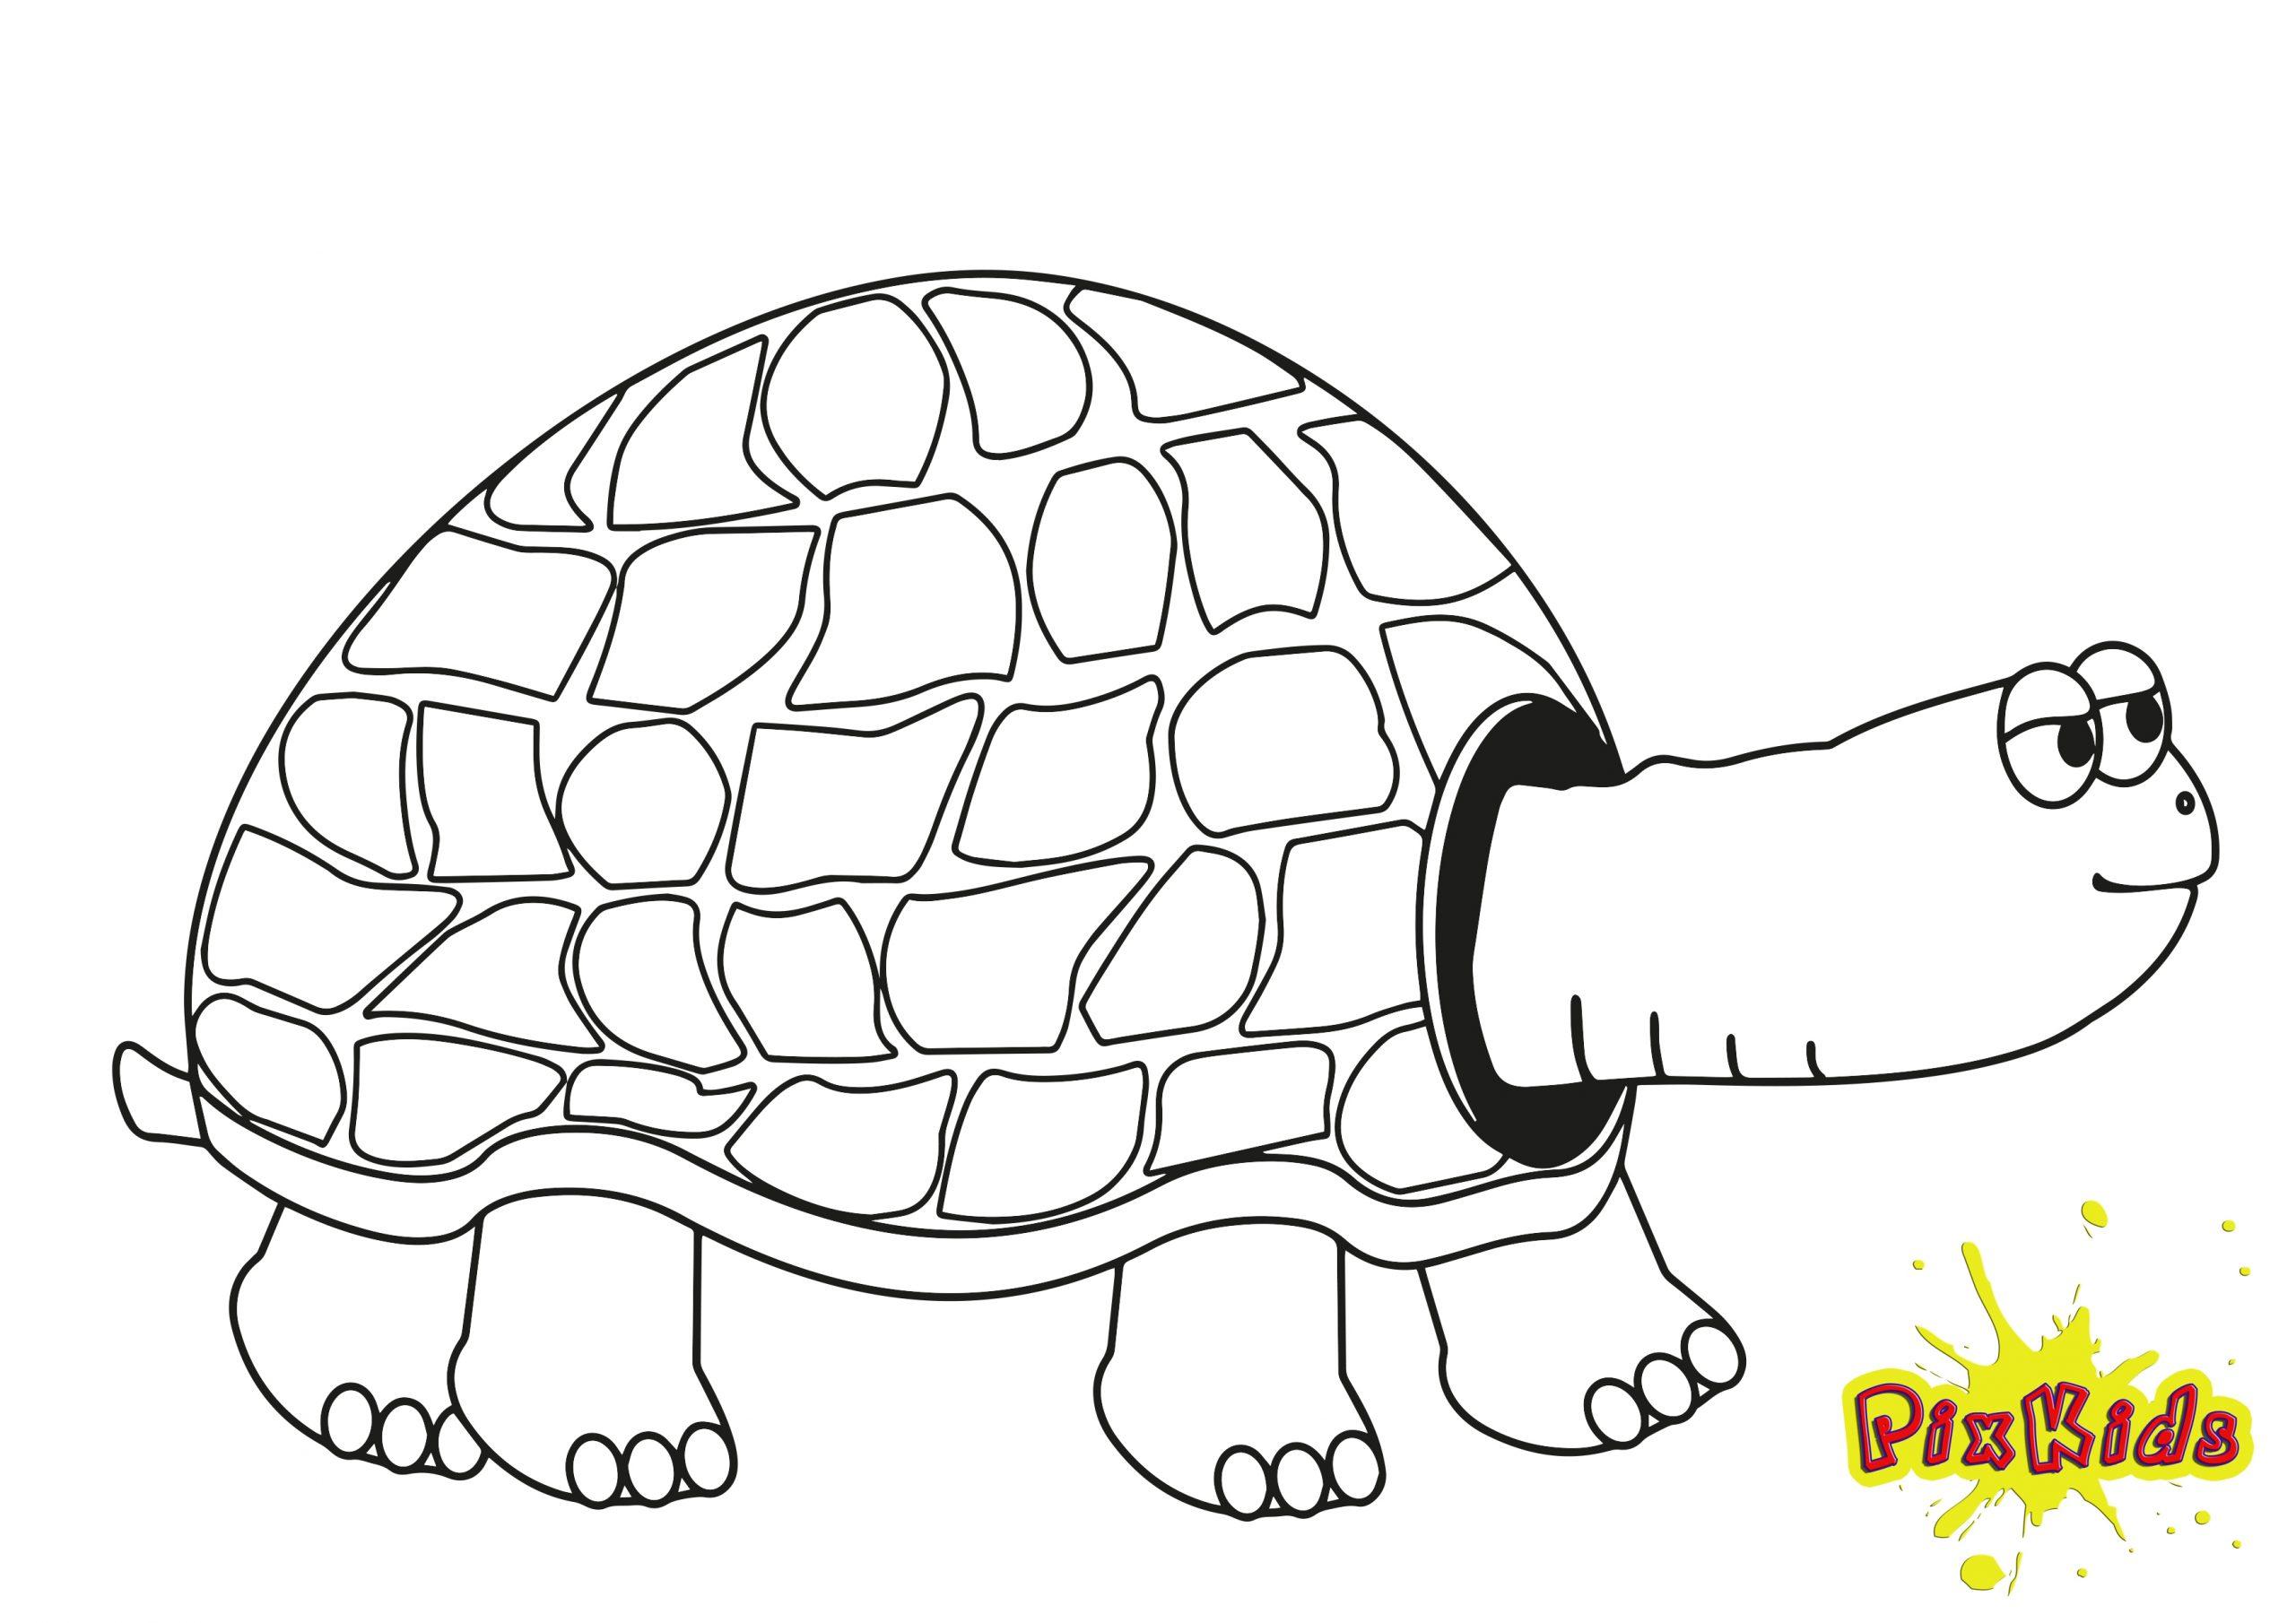 Ausmalbild Schildkröte - Kostenlose Malvorlagen ganzes Schildkröte Ausmalbild